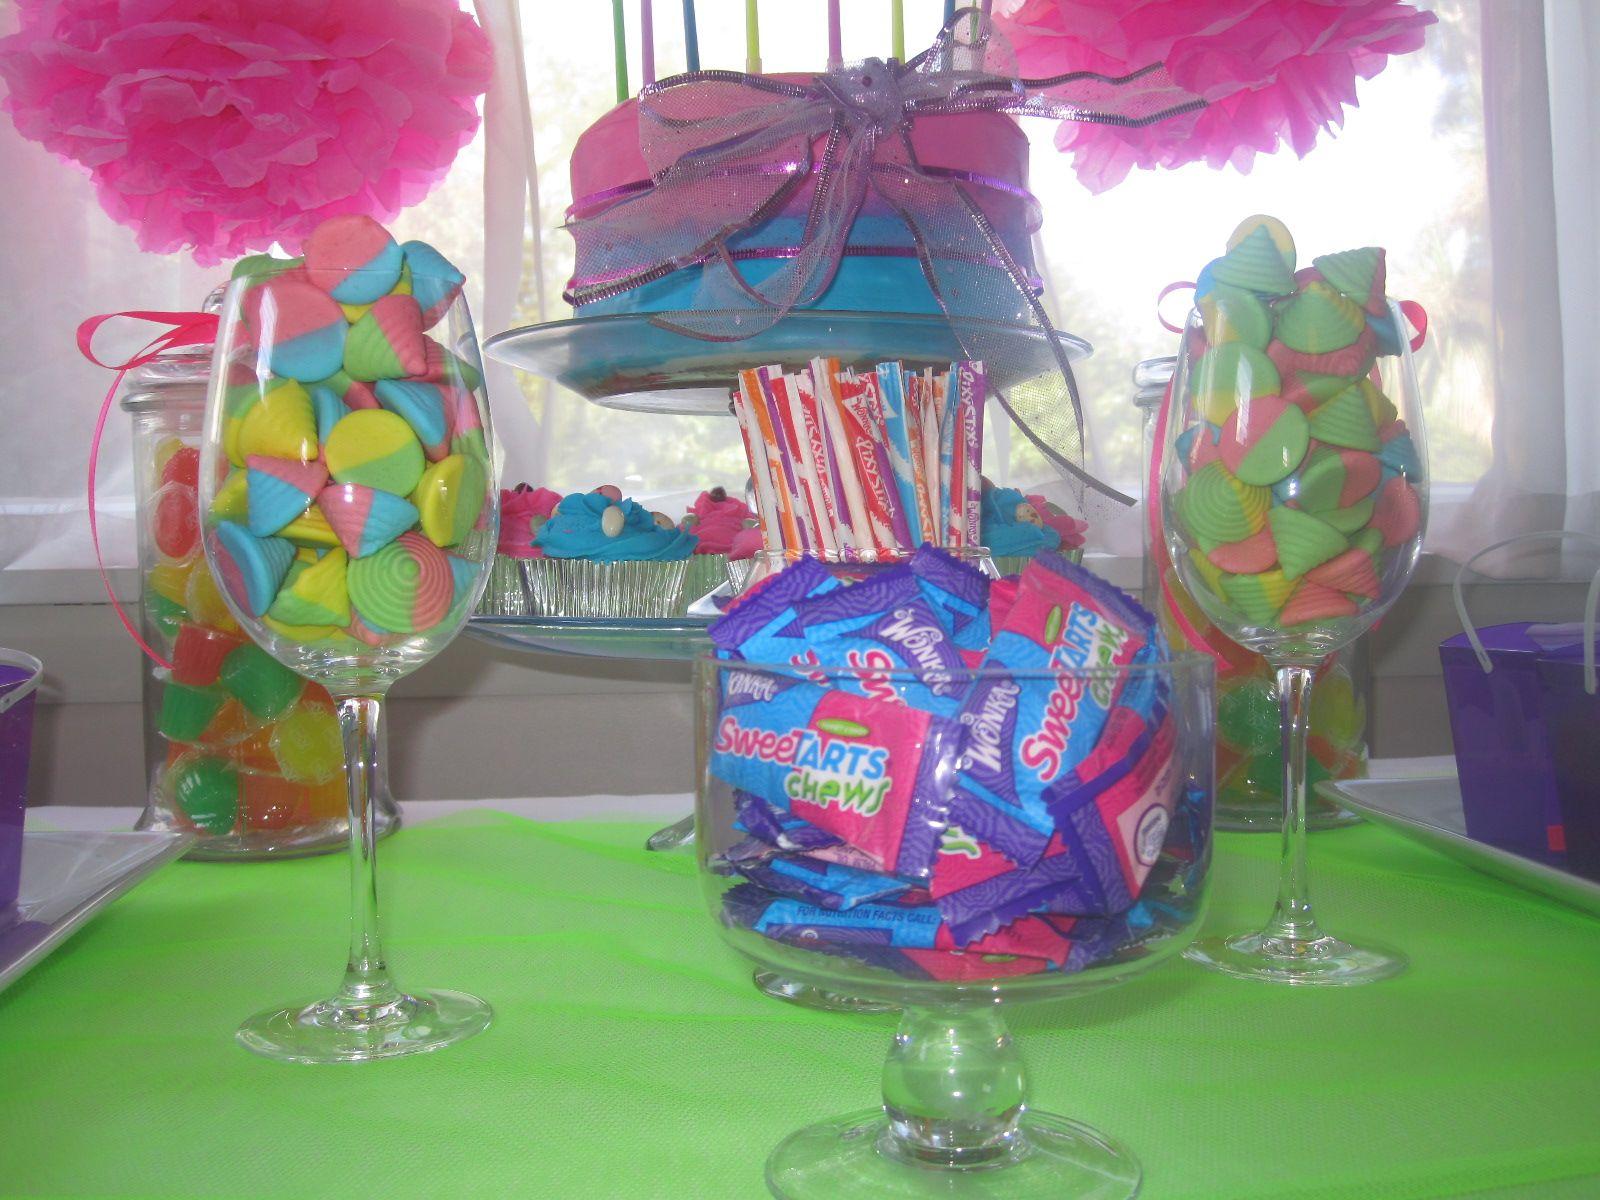 Candy buffet ideas for sweet sixteen - Neon Candy Buffet